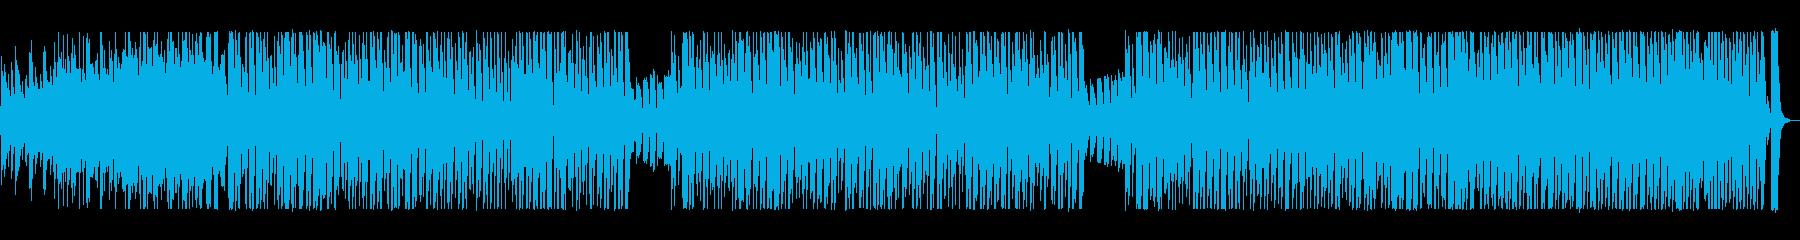 アコーディオンが軽快なポップ曲の再生済みの波形